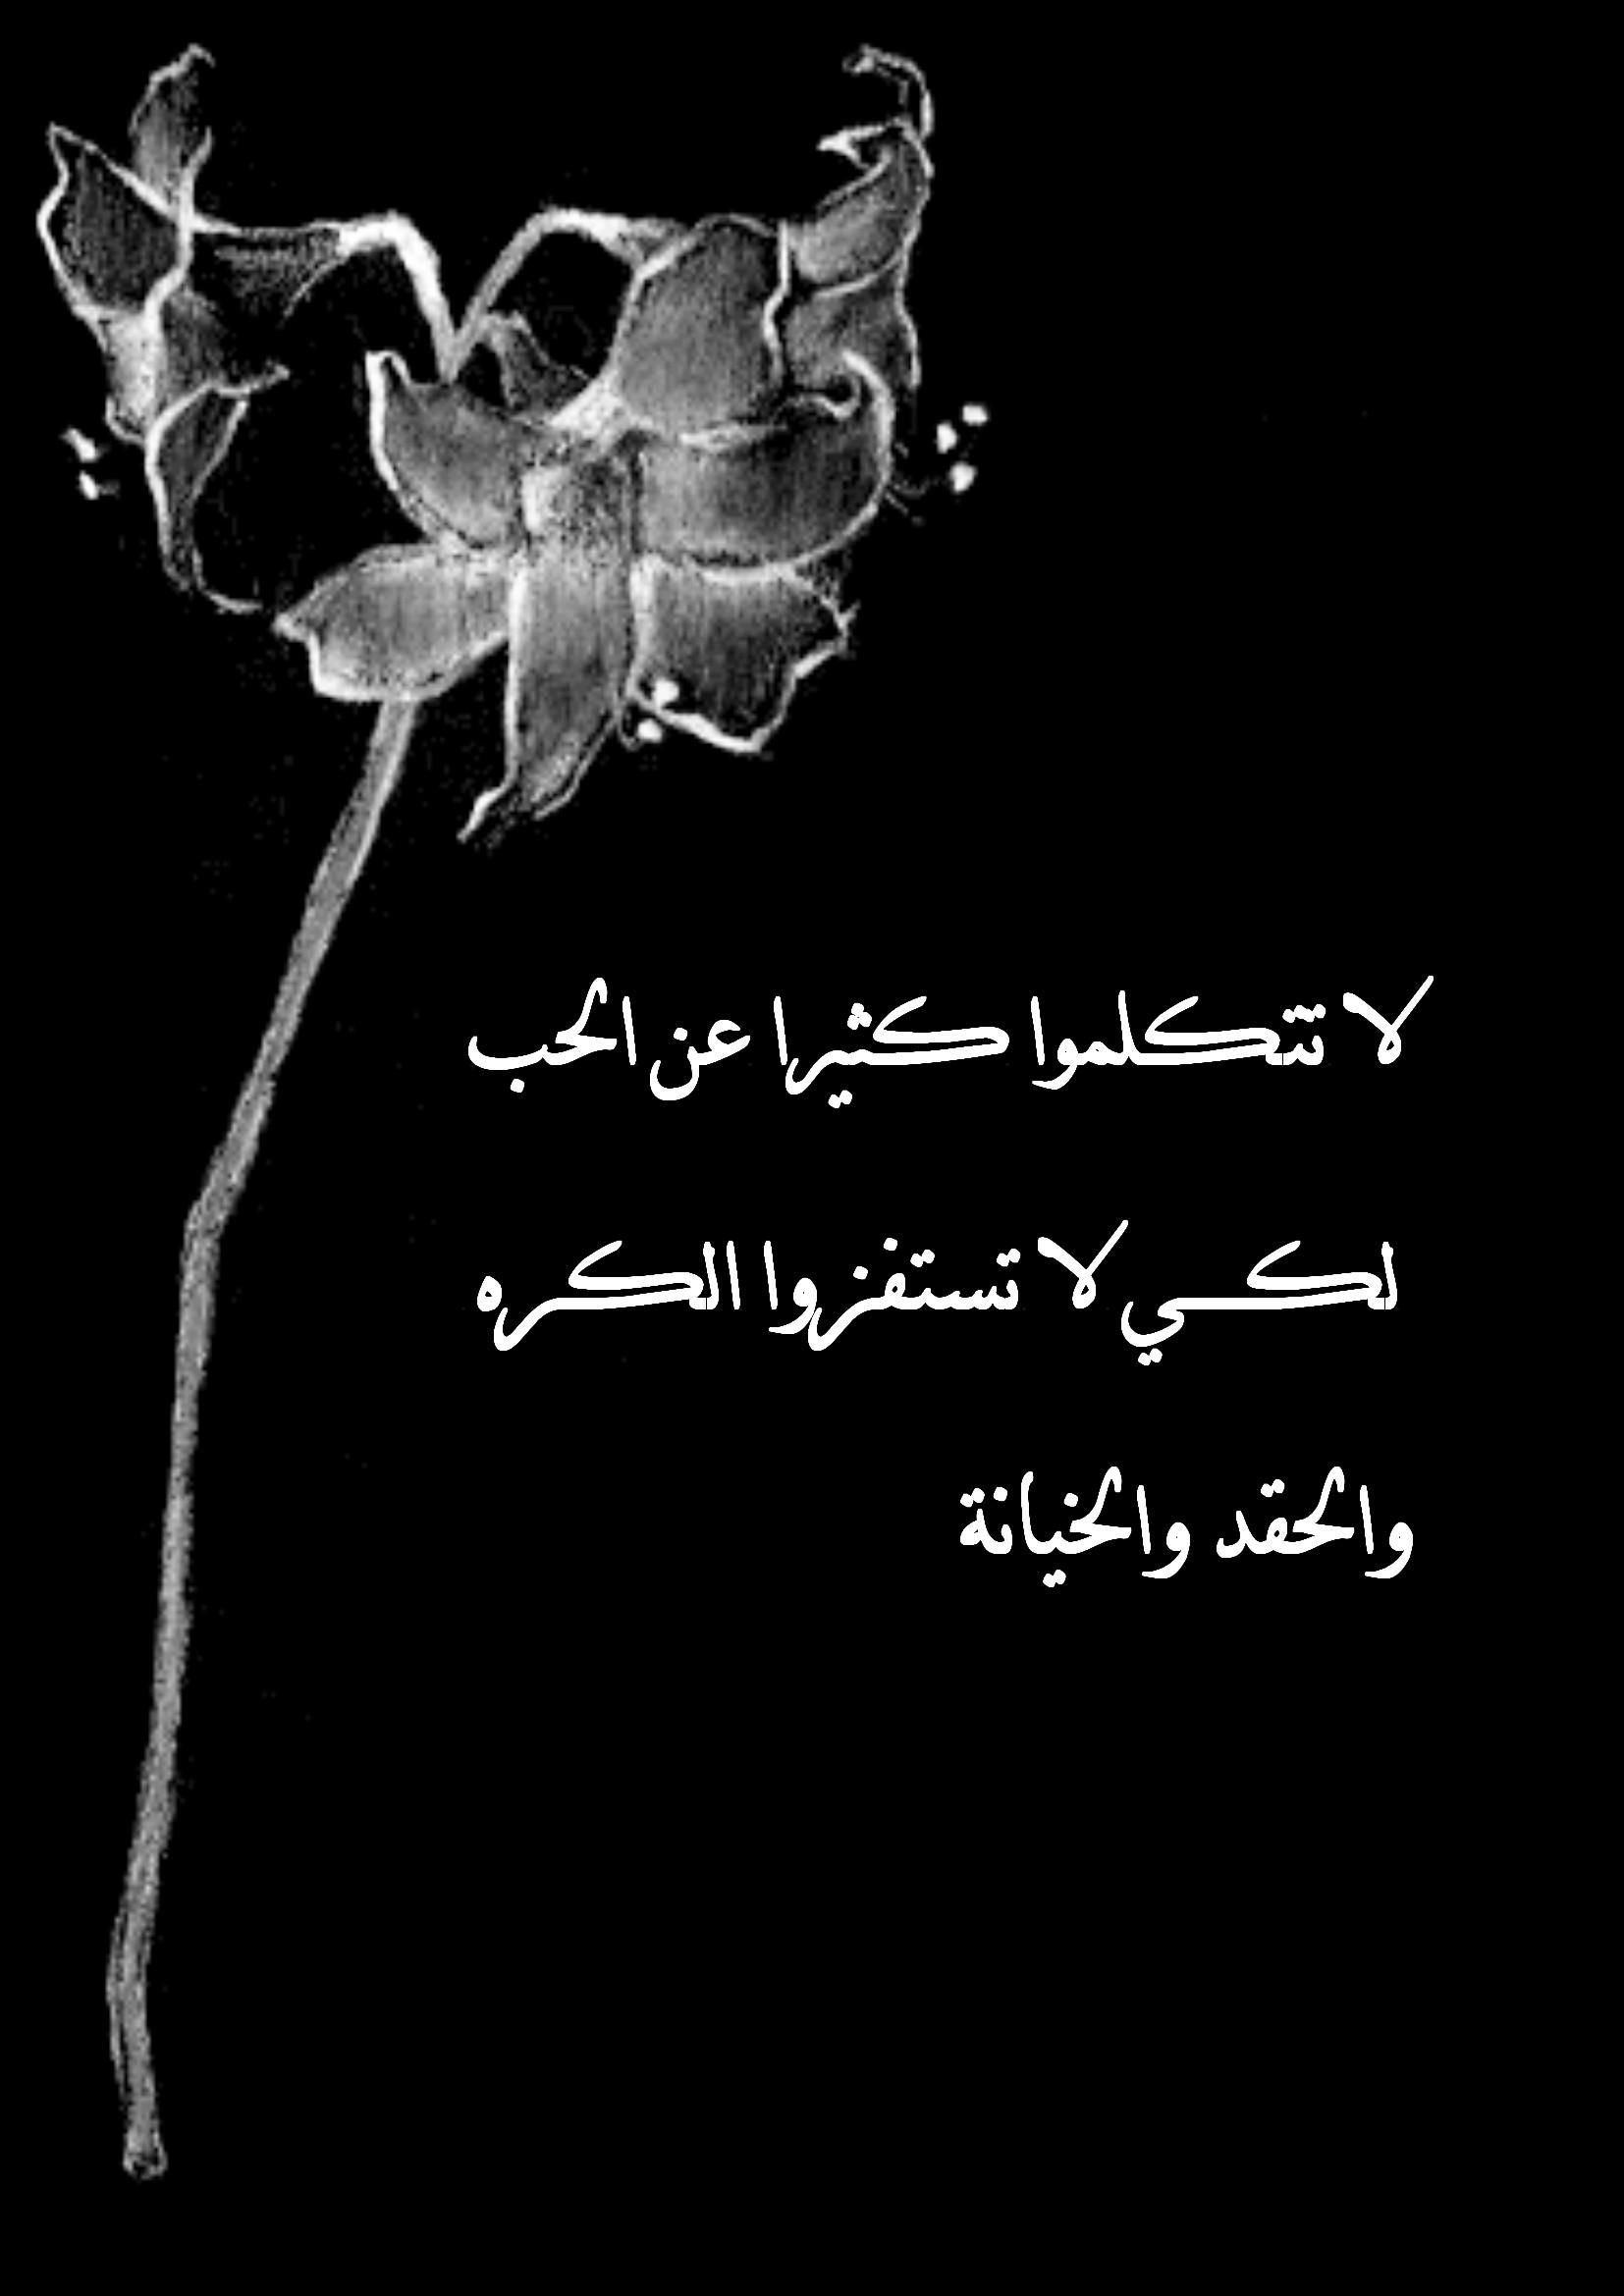 بالصور كلمات حلوه عن الحب , كلمات في الحب جميلة 3702 9